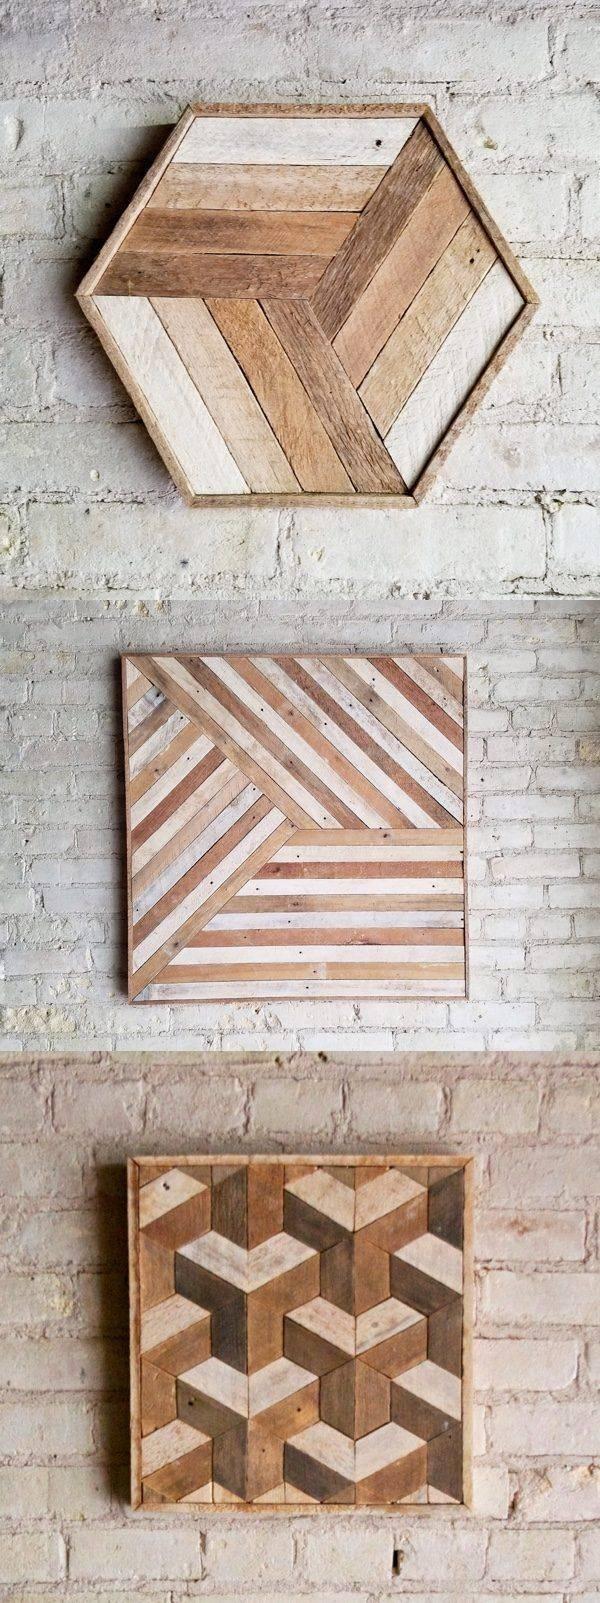 Best 25+ Wood Wall Art Ideas On Pinterest | Wood Art, Geometric In 2017 Wood Wall Art (View 4 of 25)